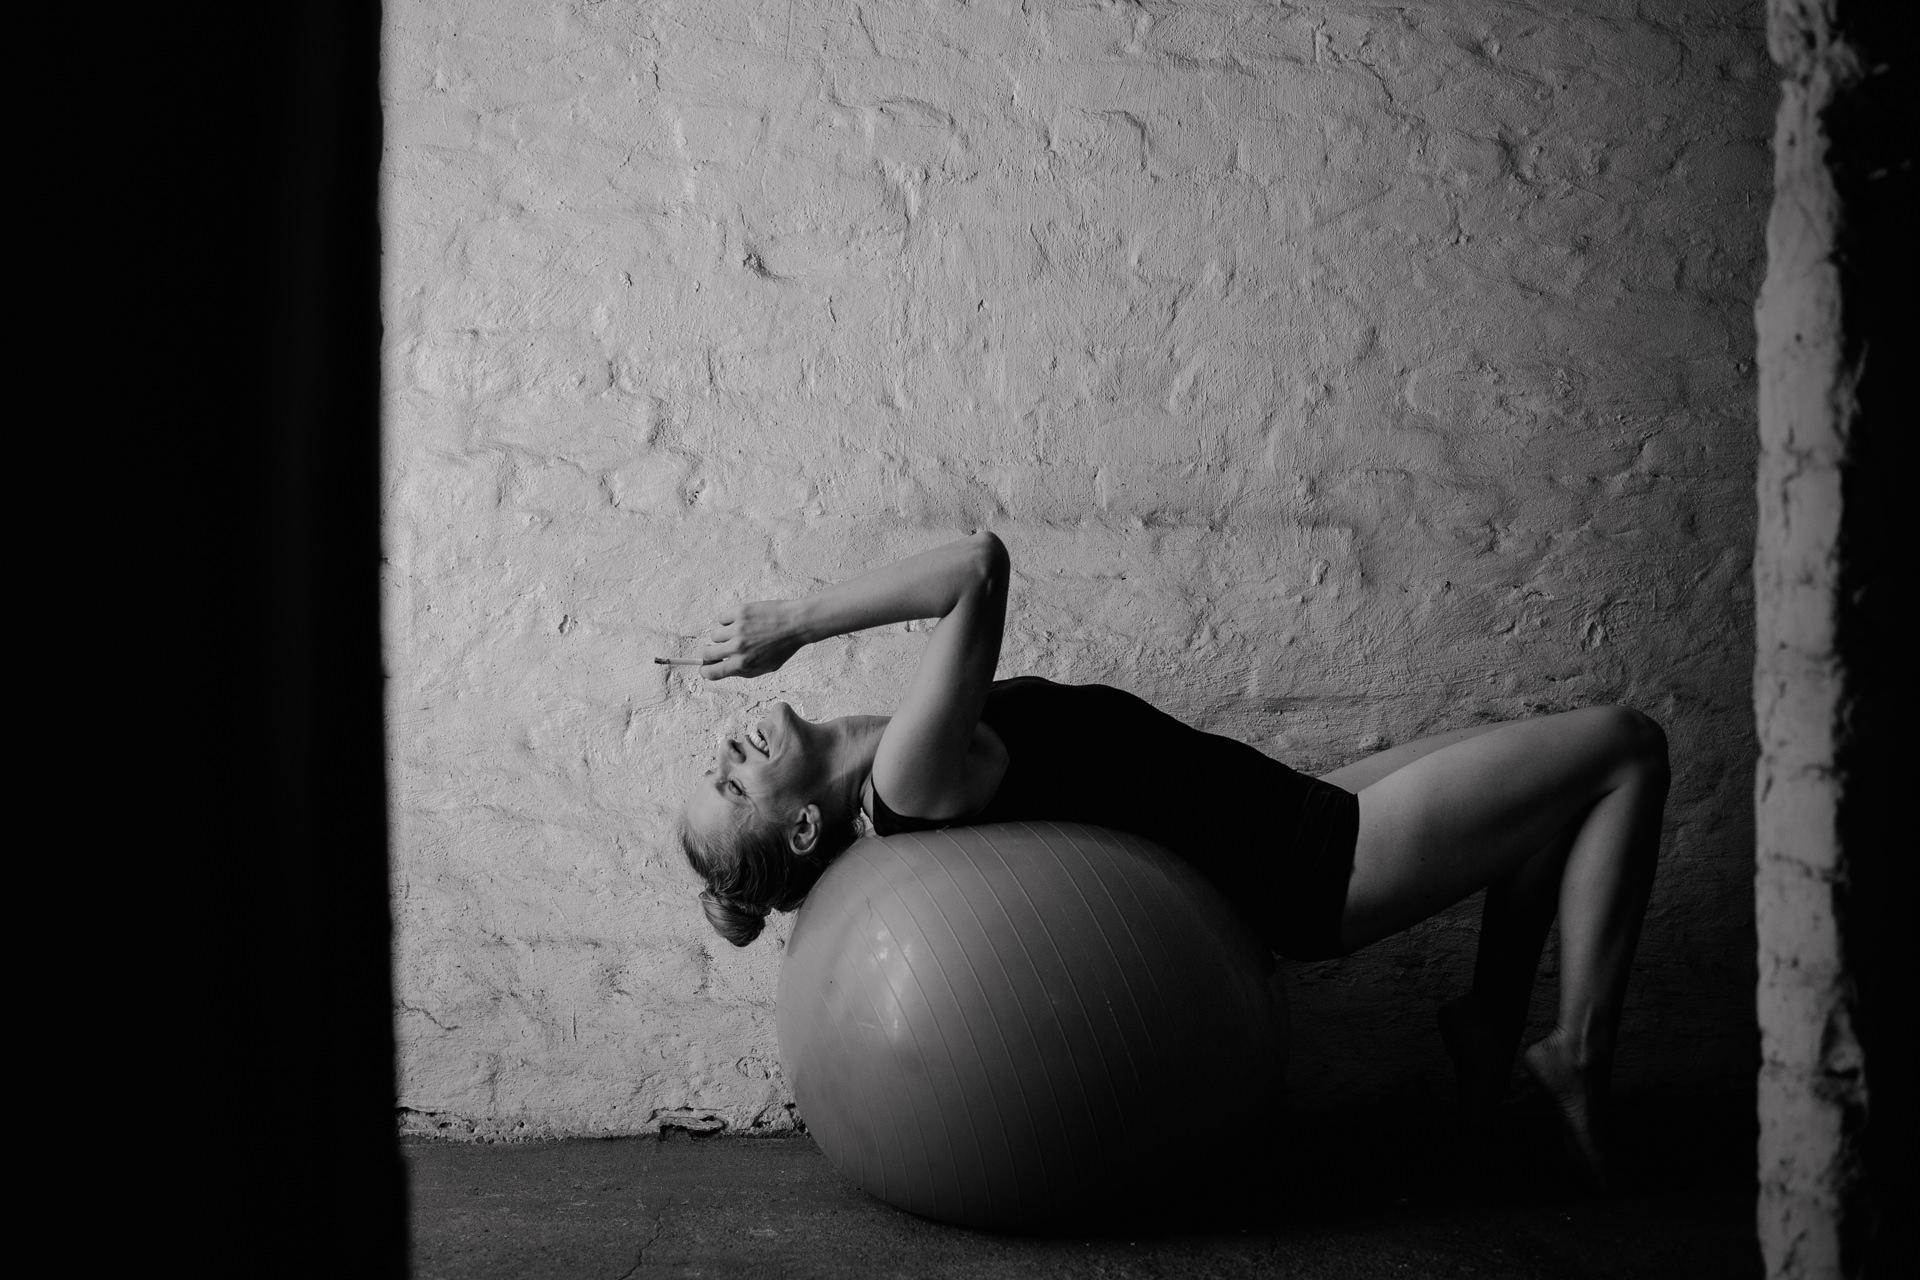 christina-arndt-ambivalenz-ball-6